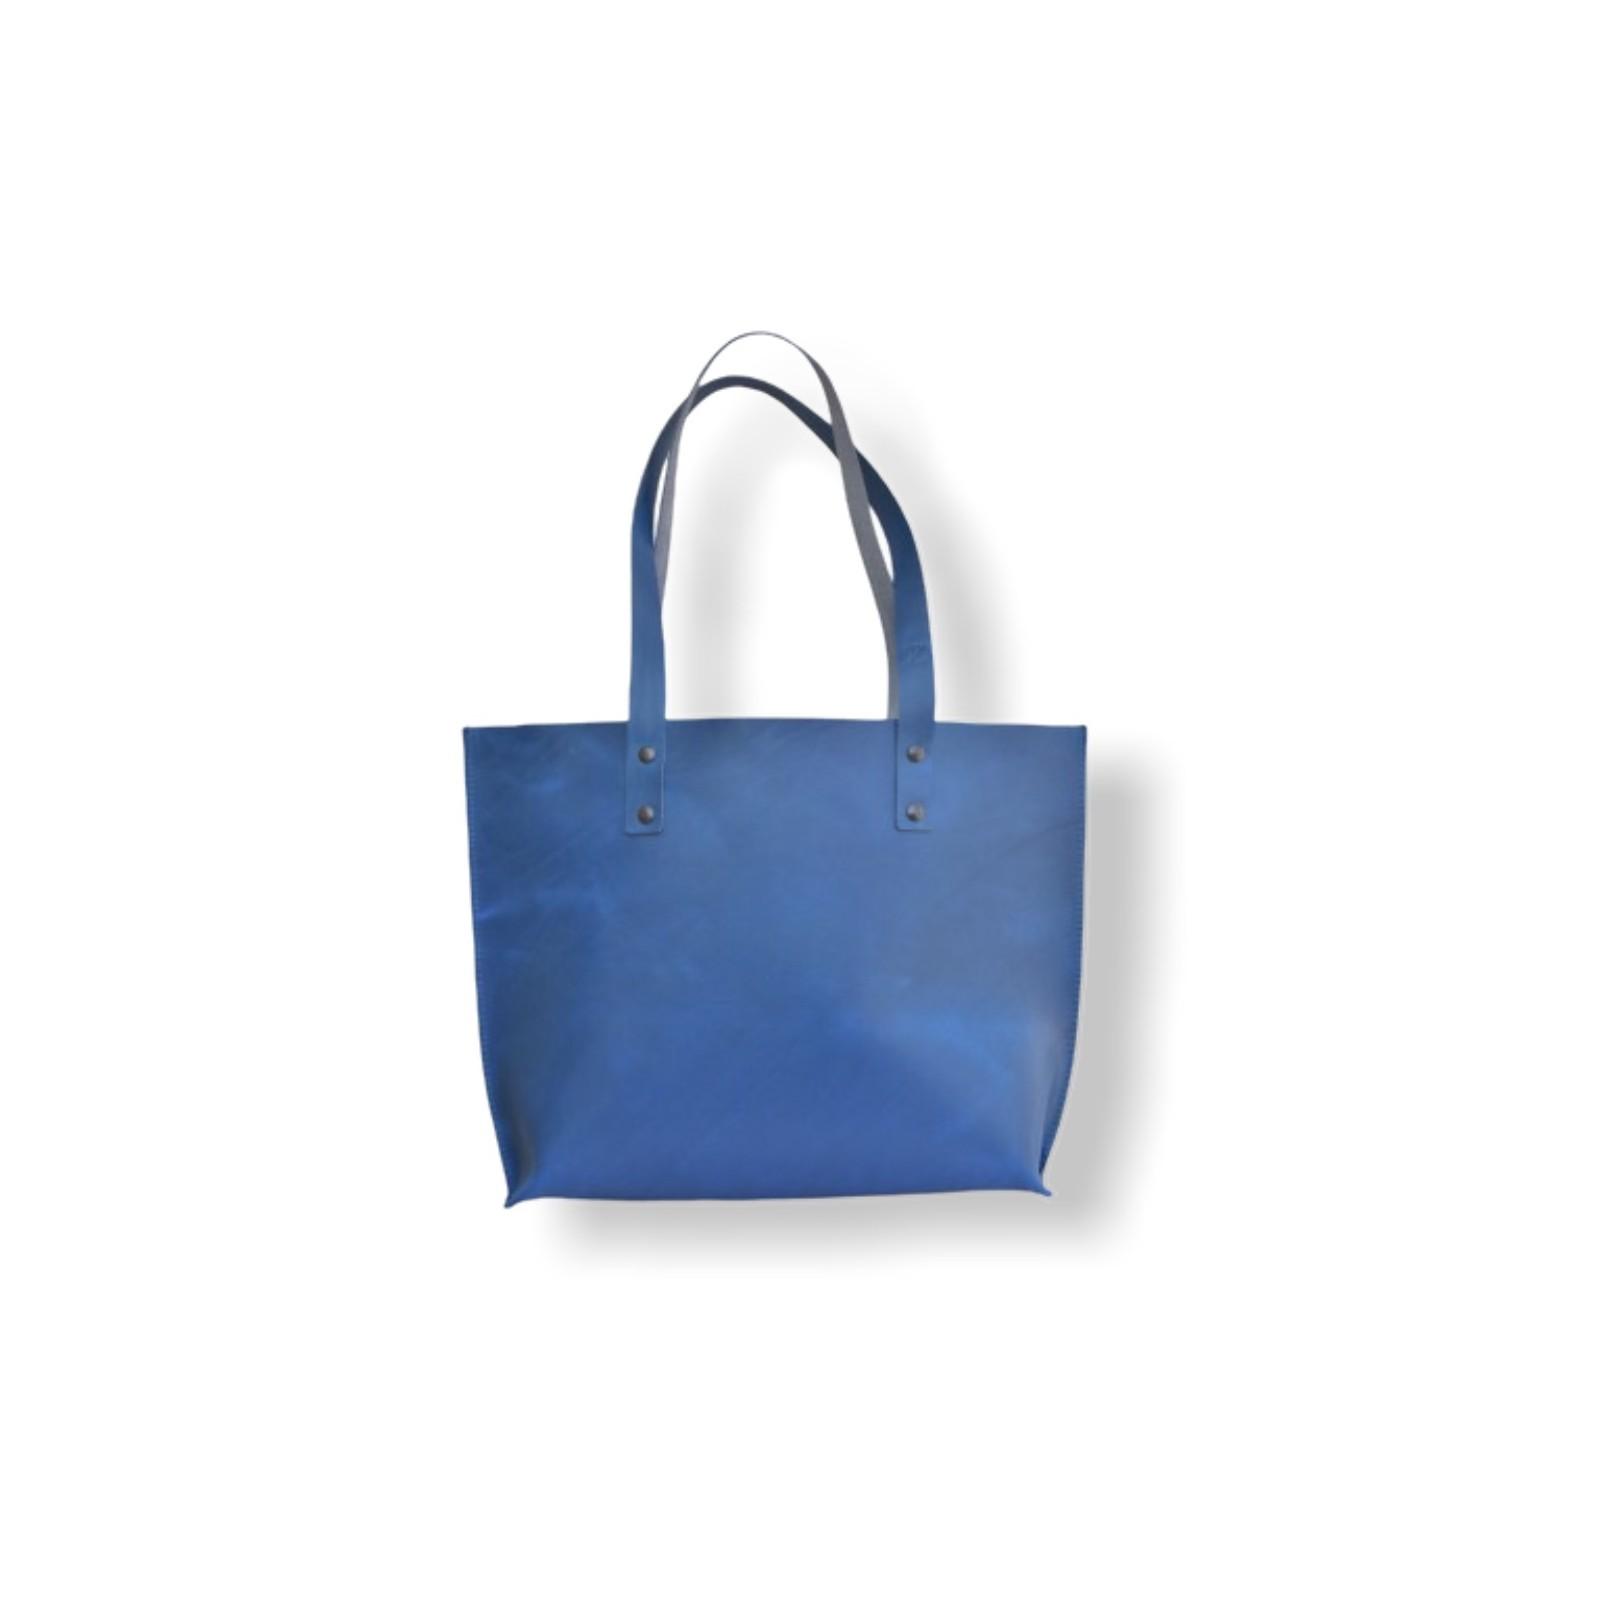 VELKÁ ELEGANTNÍ KABELKA ŠÁRKA - 8 barev kůže - provedení modrá